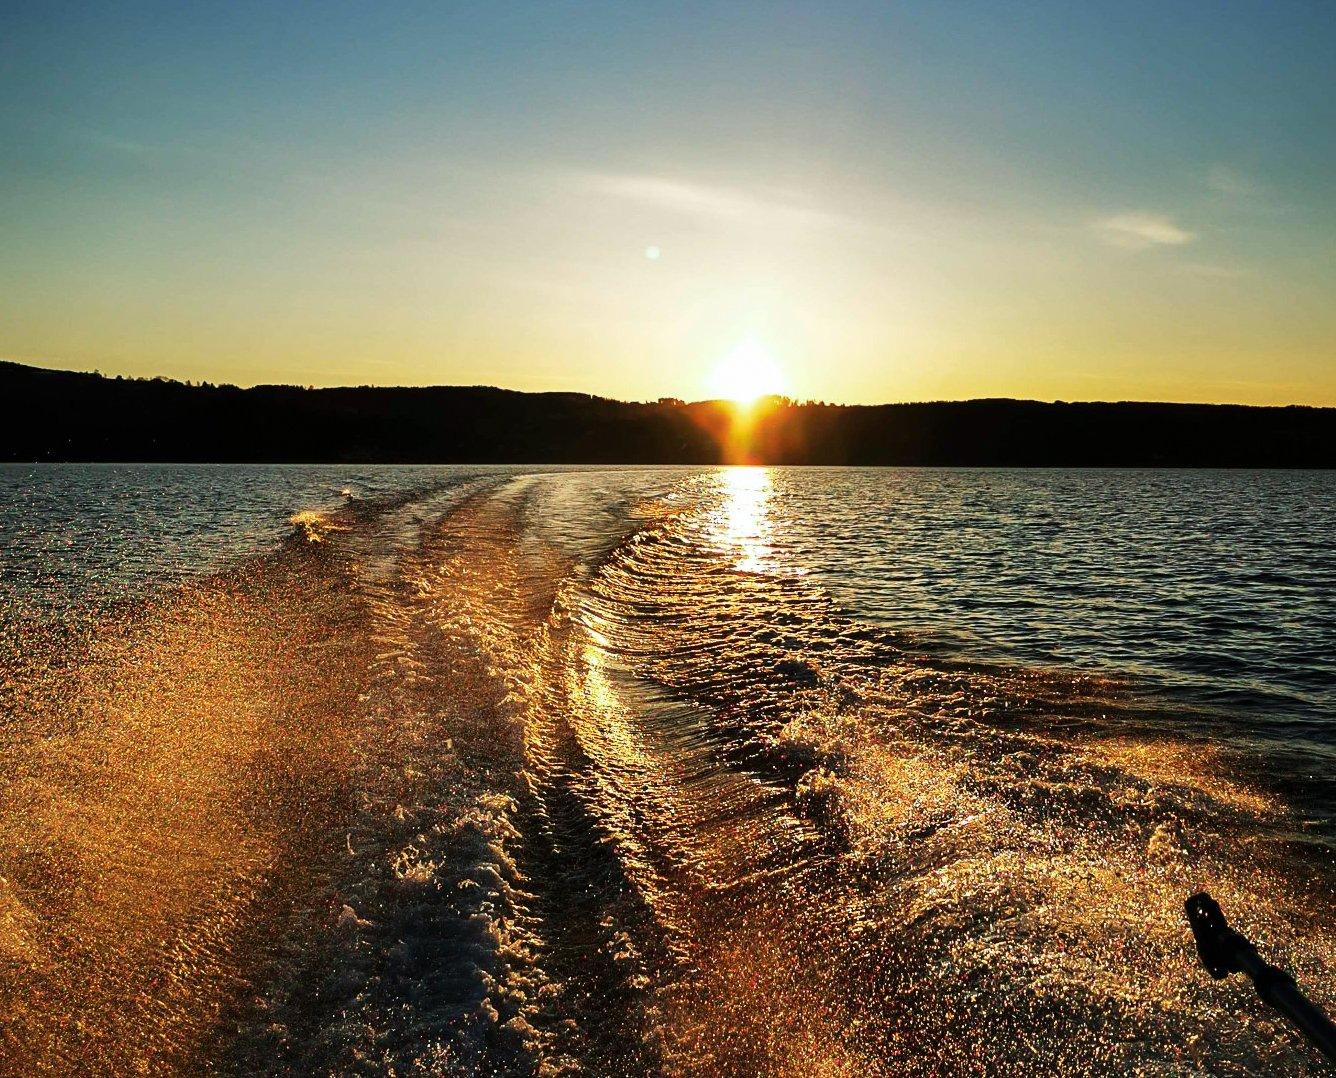 SOLNEDGANG: Fisket etter mjøsørreten byr også på mange naturopplevelser.